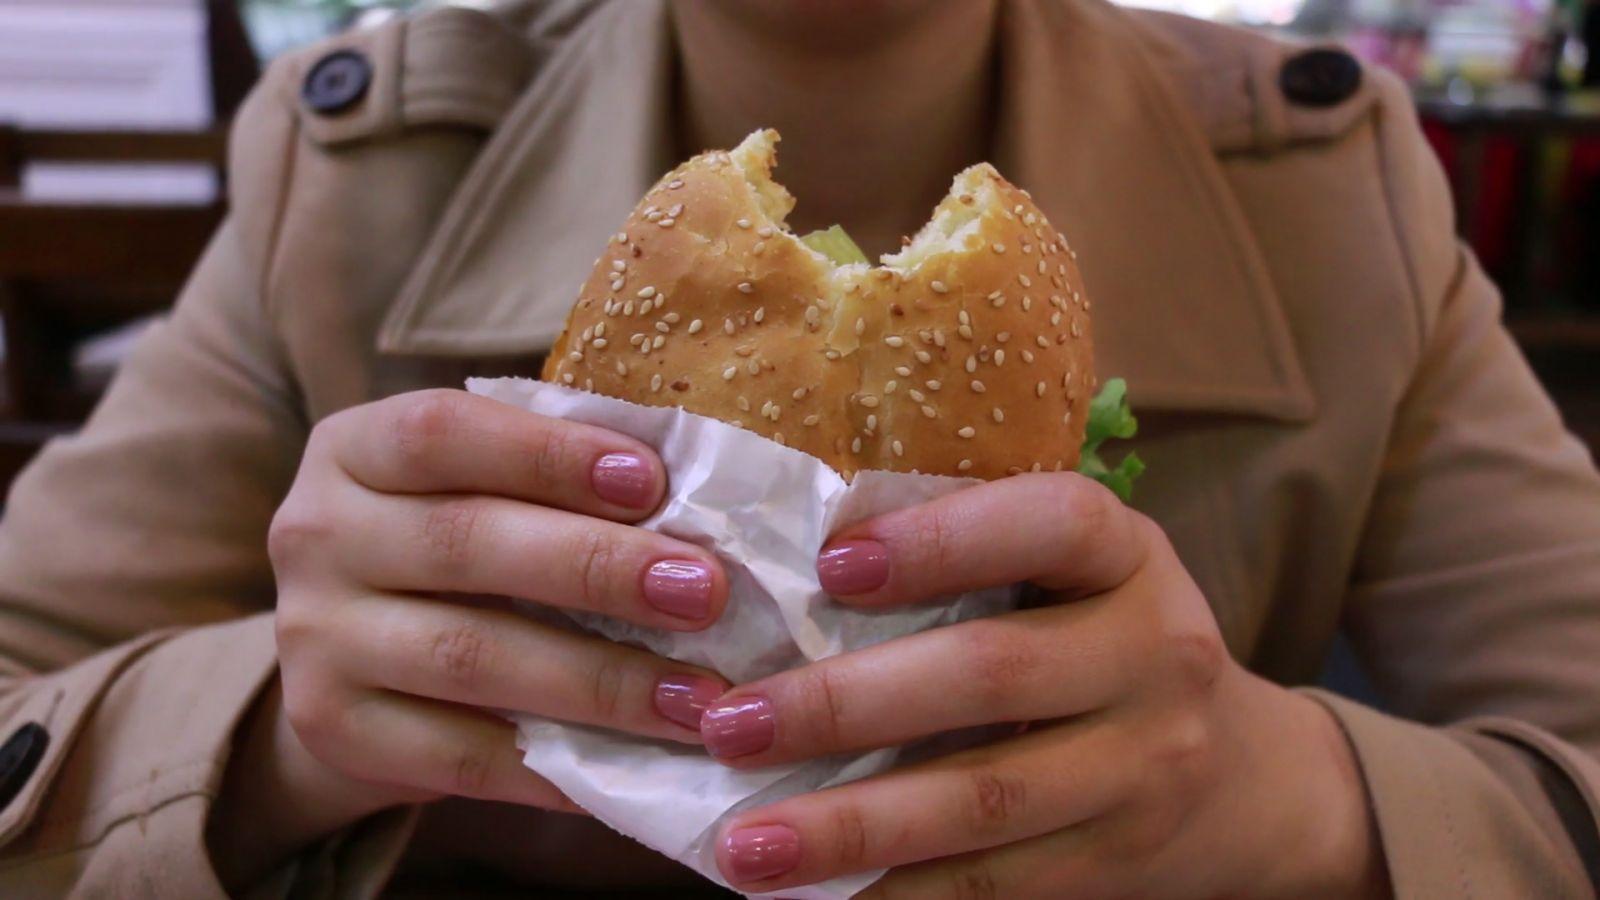 Yediklerimizin Karakterimize Etkisi, Yiyeceklerin İnsan Üzerindeki Etkisi Nelerdir?